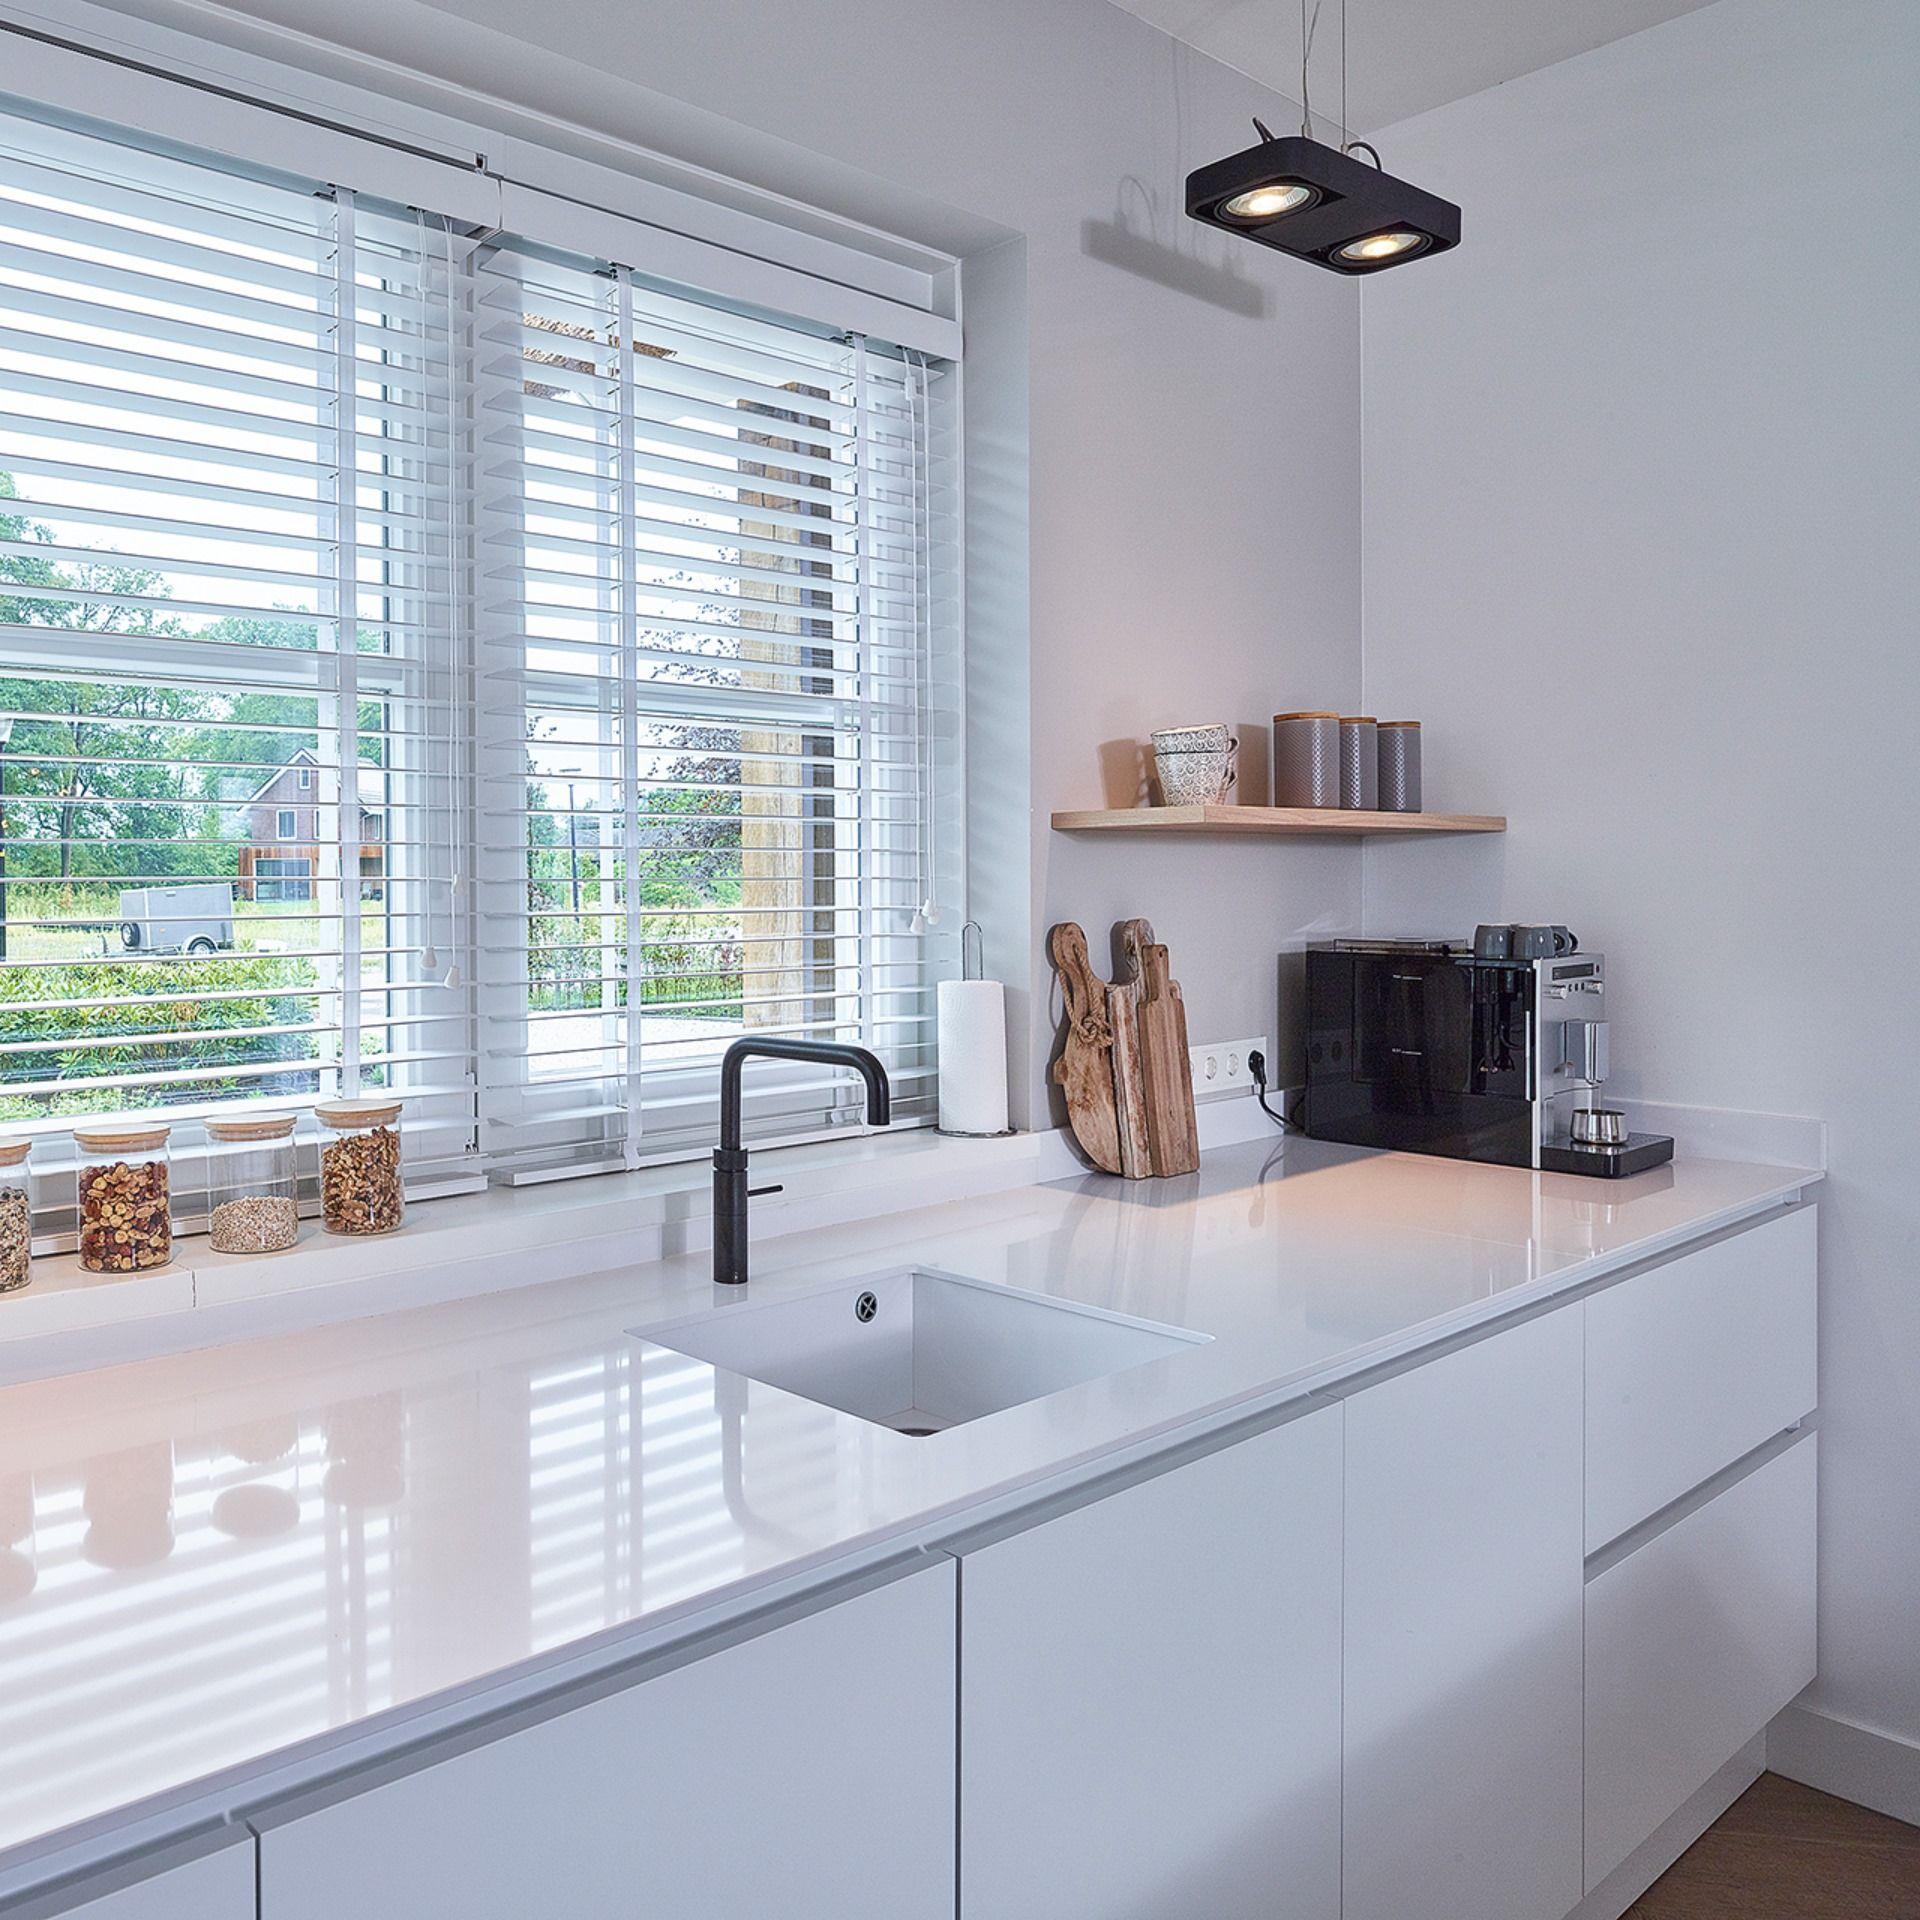 Diese Schone Contur Kuche In Der Farbe Lacklaminat Weiss Steht Bei Einem Unserer Kunden In Den Niederlanden Mit Bildern Landhauskuche Laminat Moderne Landhauskuche